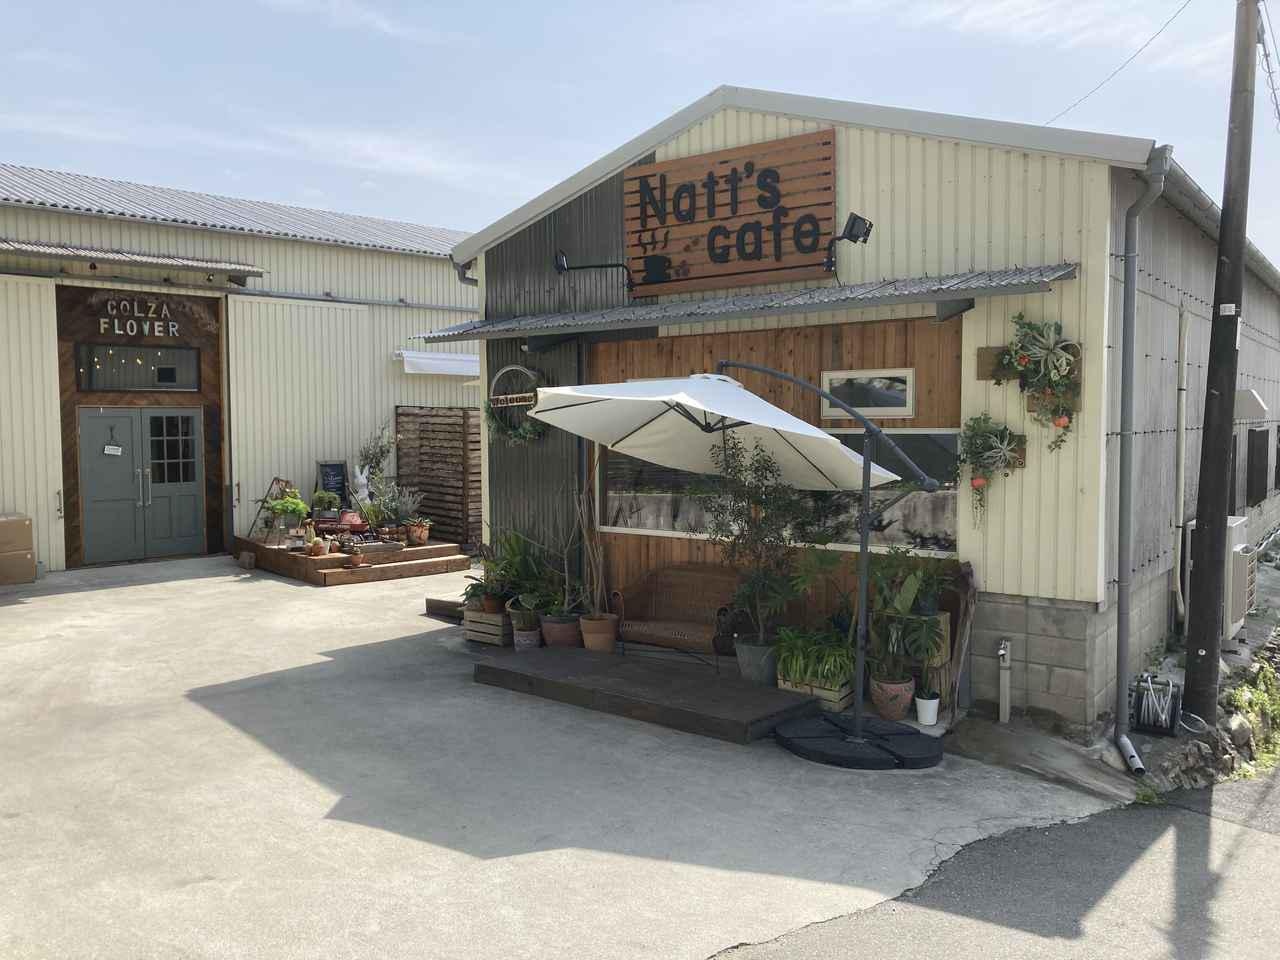 画像: 今回お伺いしたのはこちらのカフェです:ナッツカフェ (Natt's cafe)